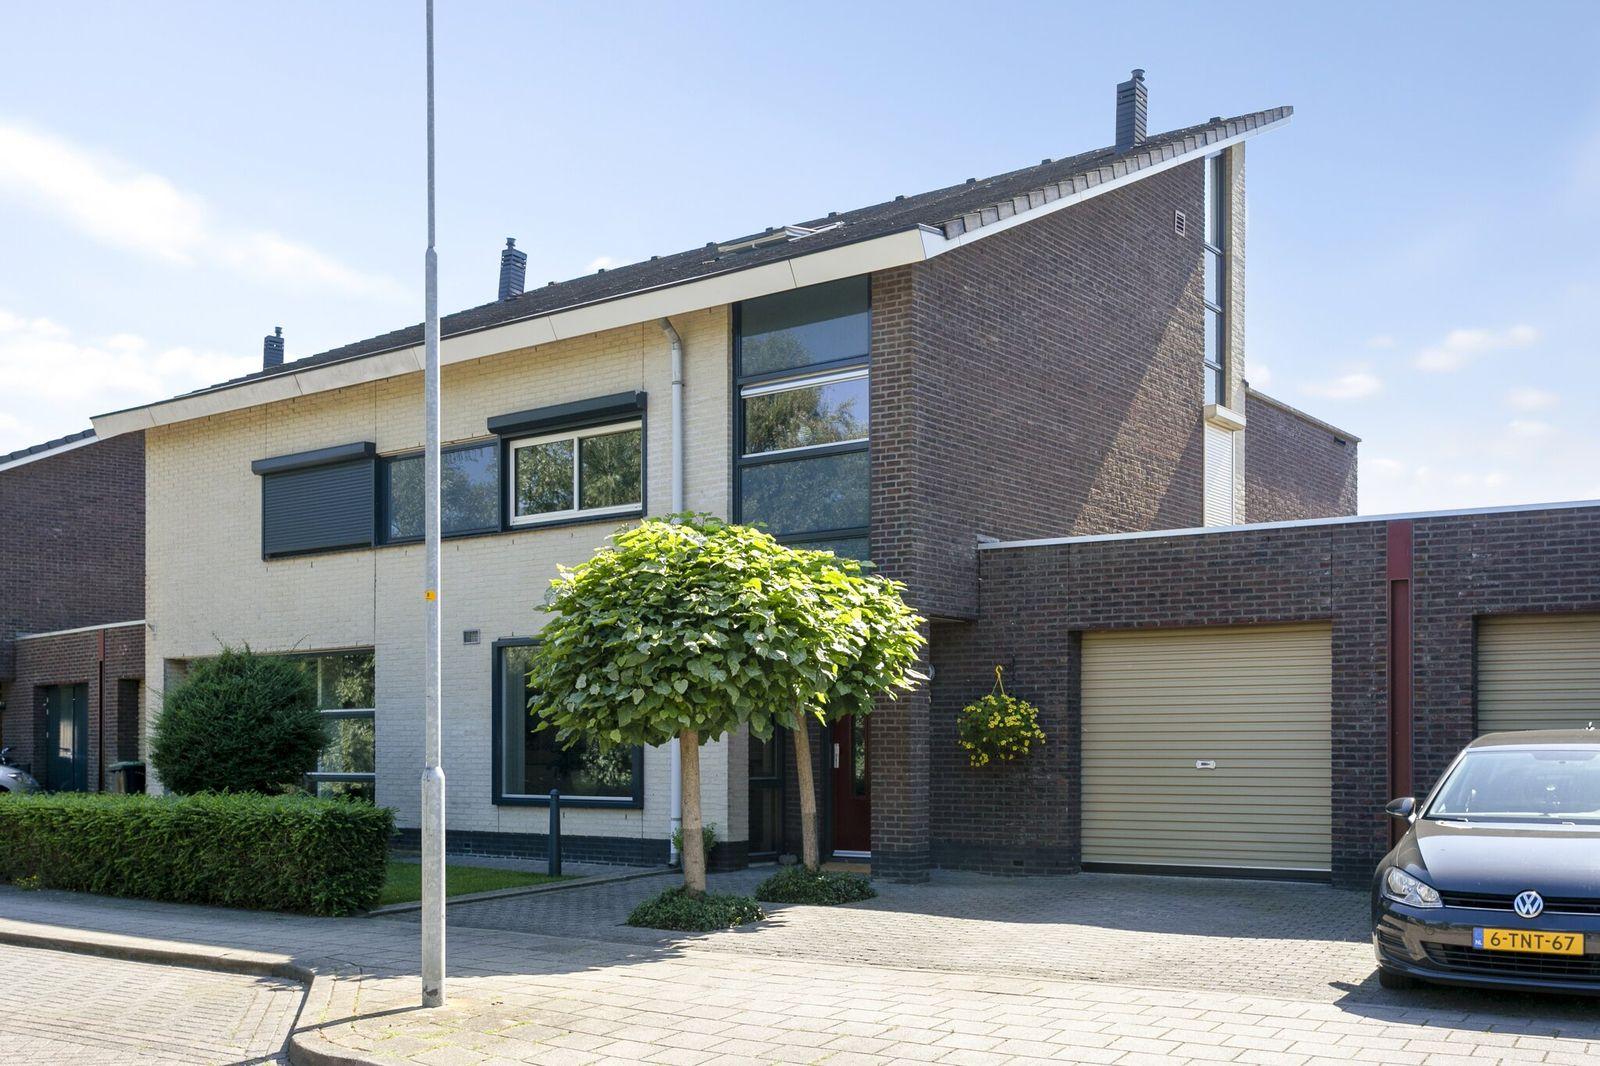 De Beekoever 28, Zutphen